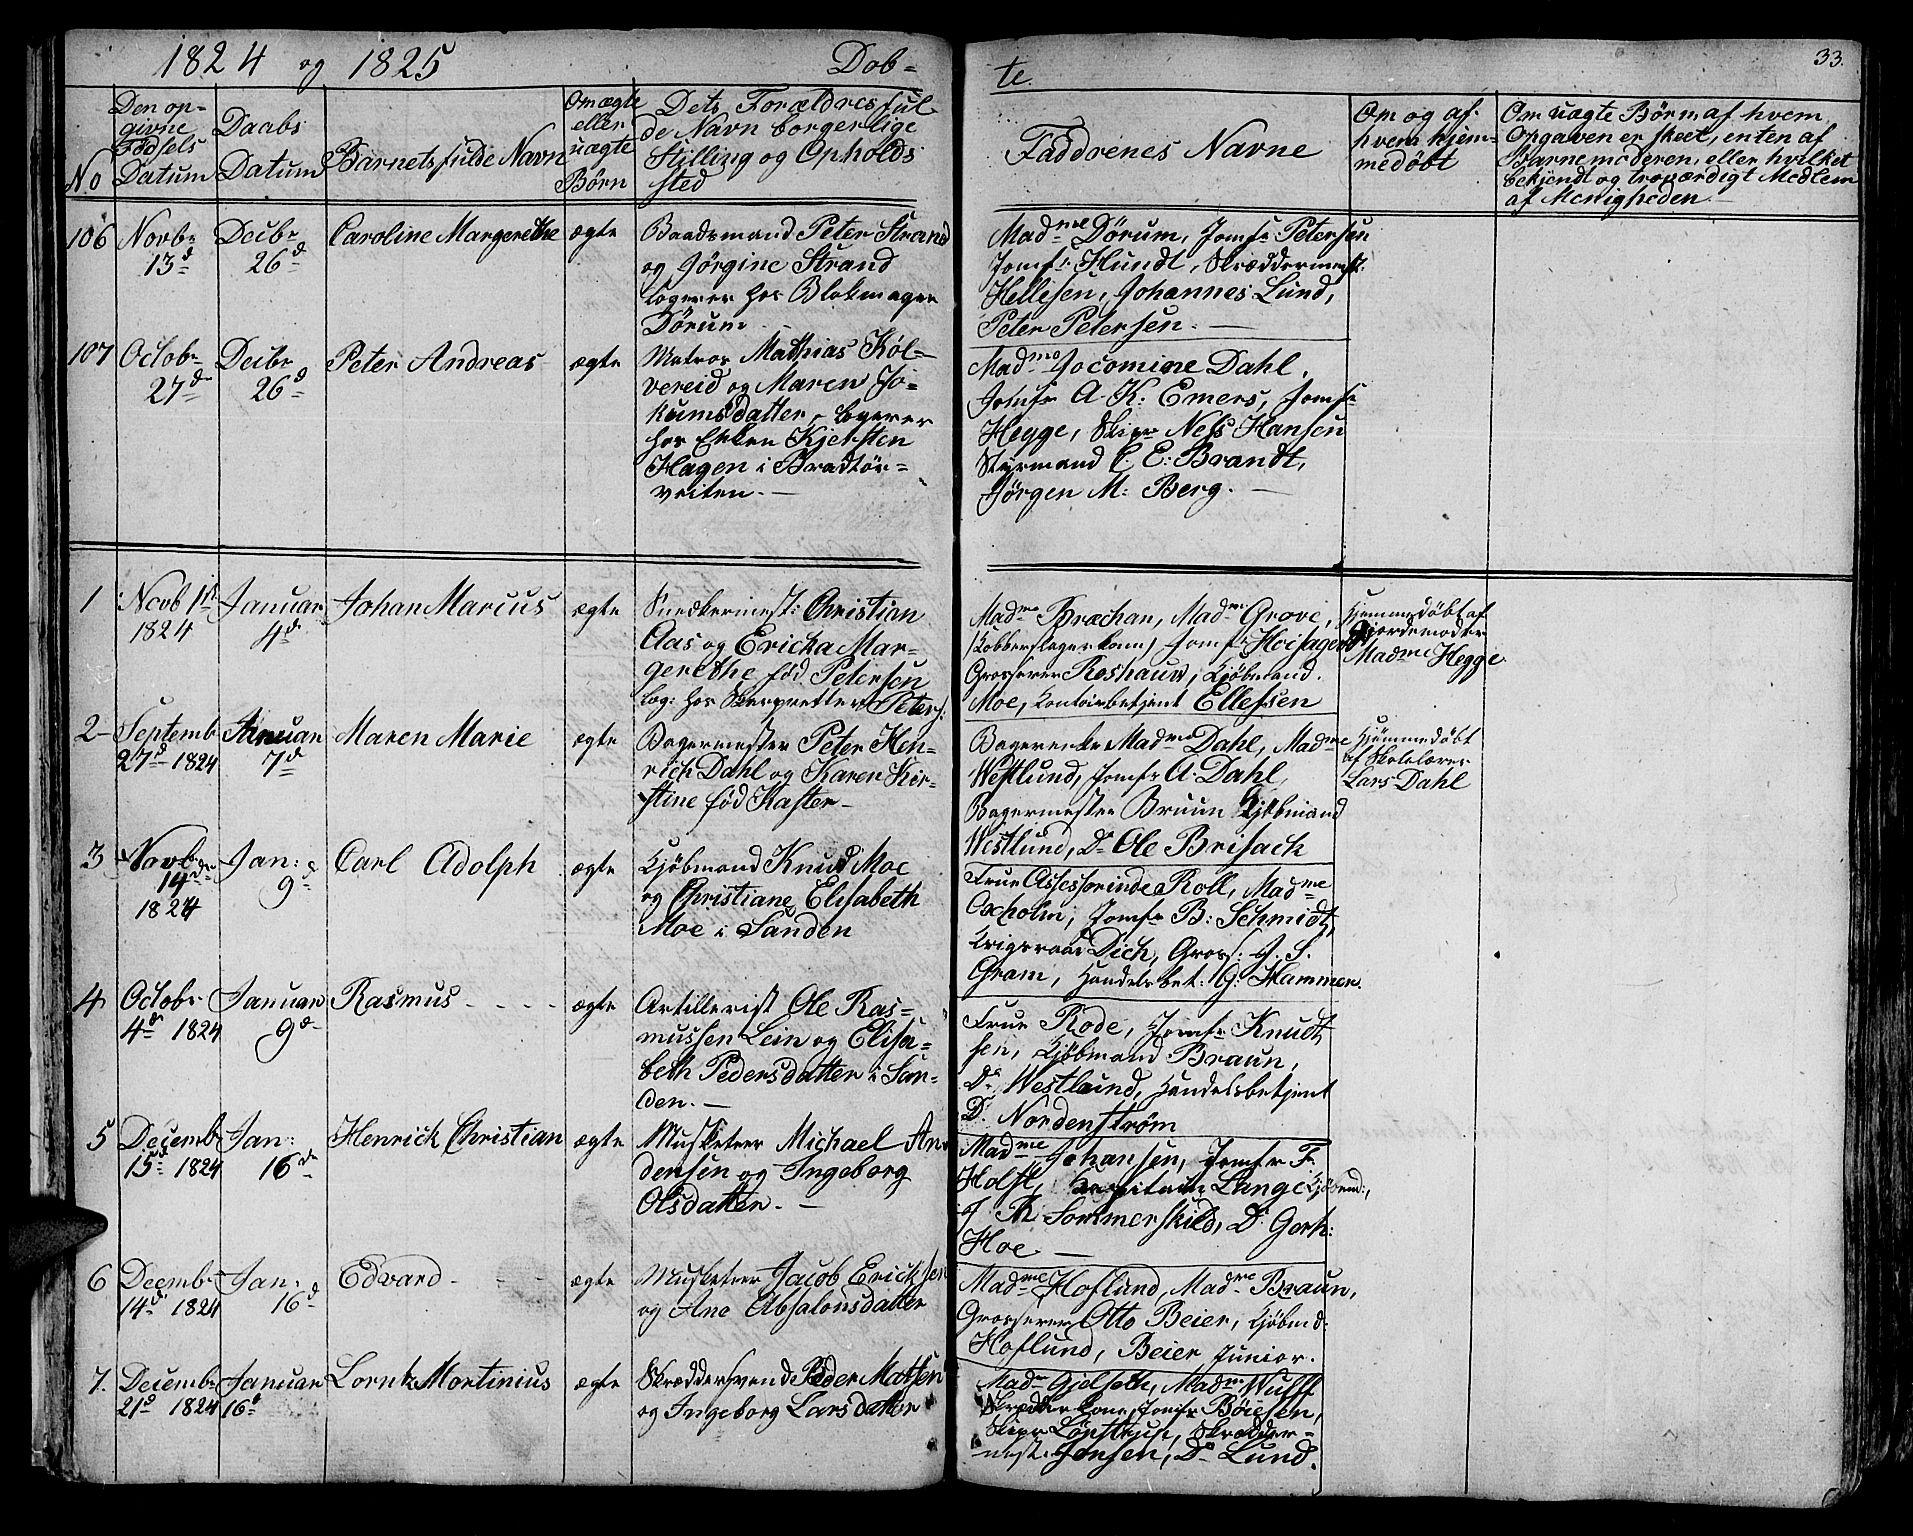 SAT, Ministerialprotokoller, klokkerbøker og fødselsregistre - Sør-Trøndelag, 602/L0108: Ministerialbok nr. 602A06, 1821-1839, s. 33